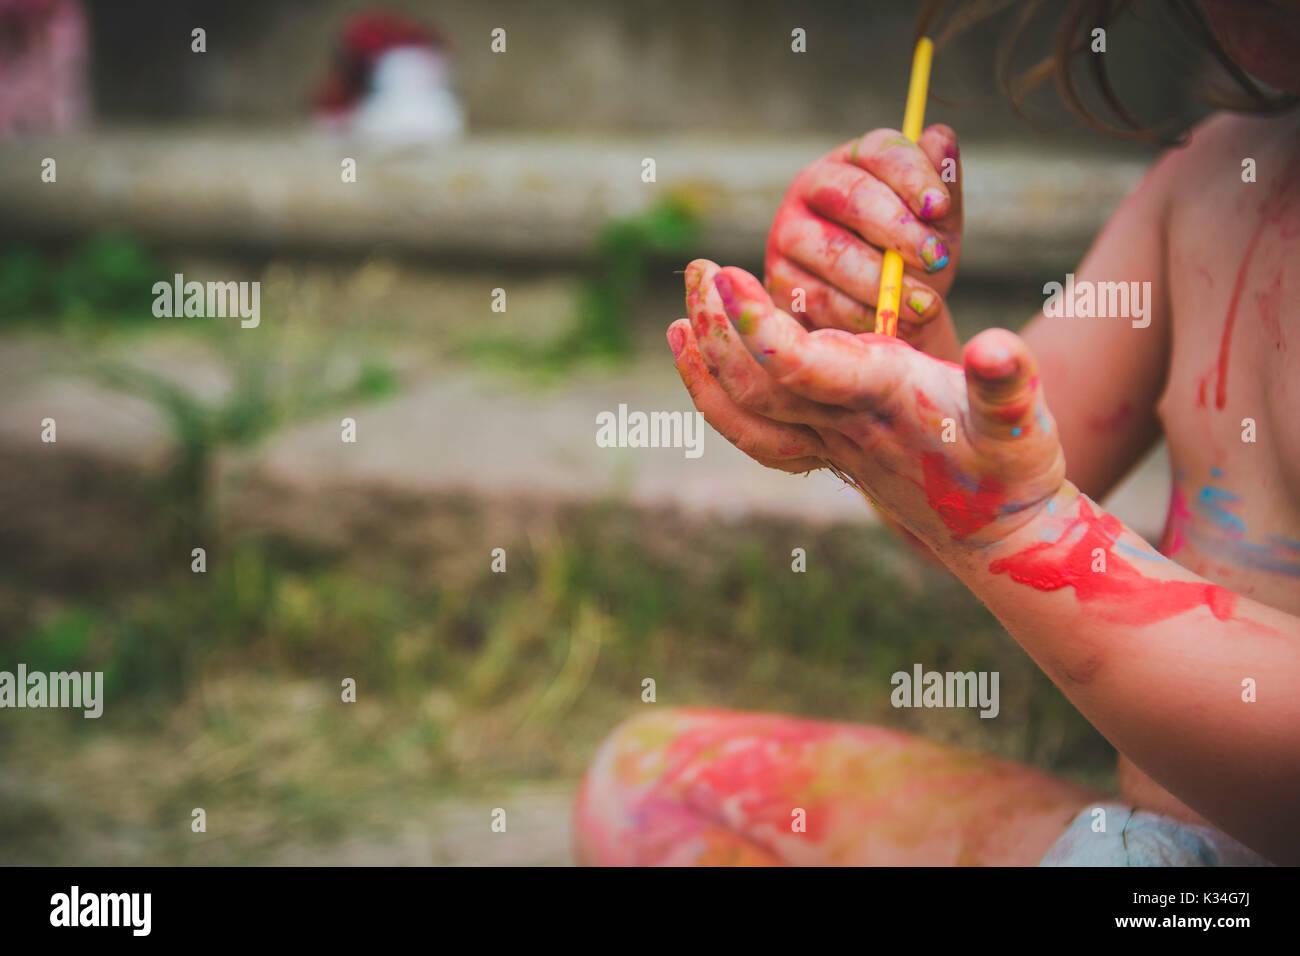 Un niño pinta en su mano. Imagen De Stock